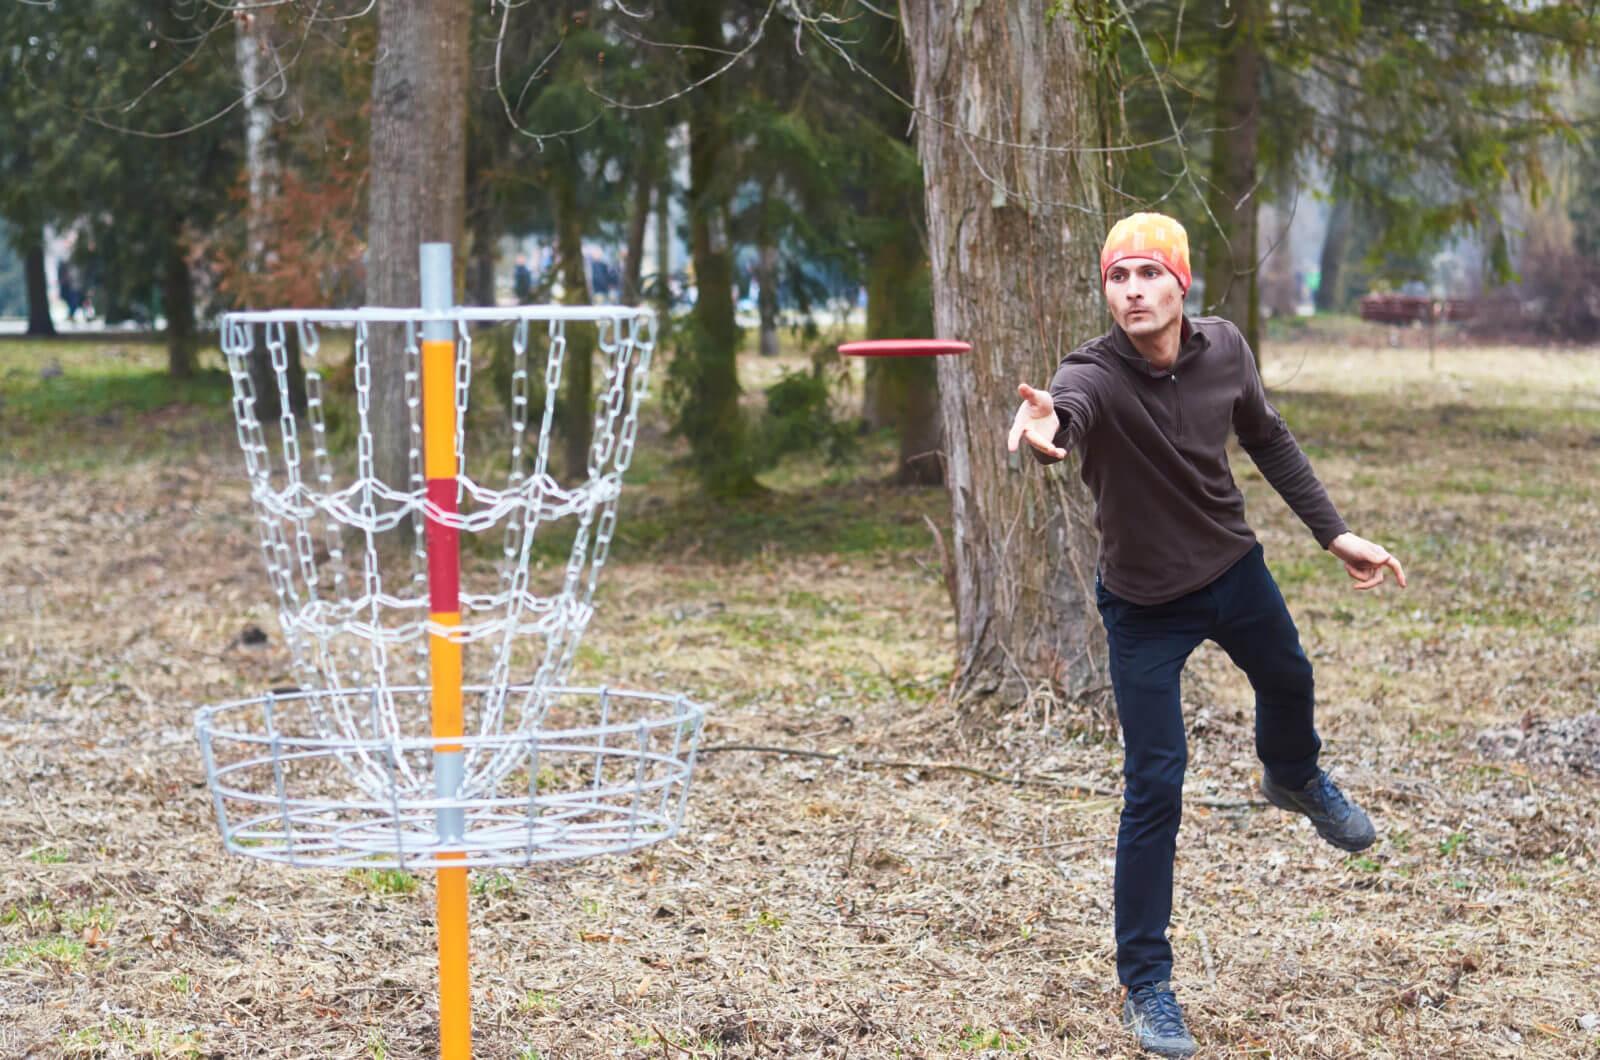 Перший в Україні стаціонарний диск-гольф парк з'явився у Франківську (ФОТО)